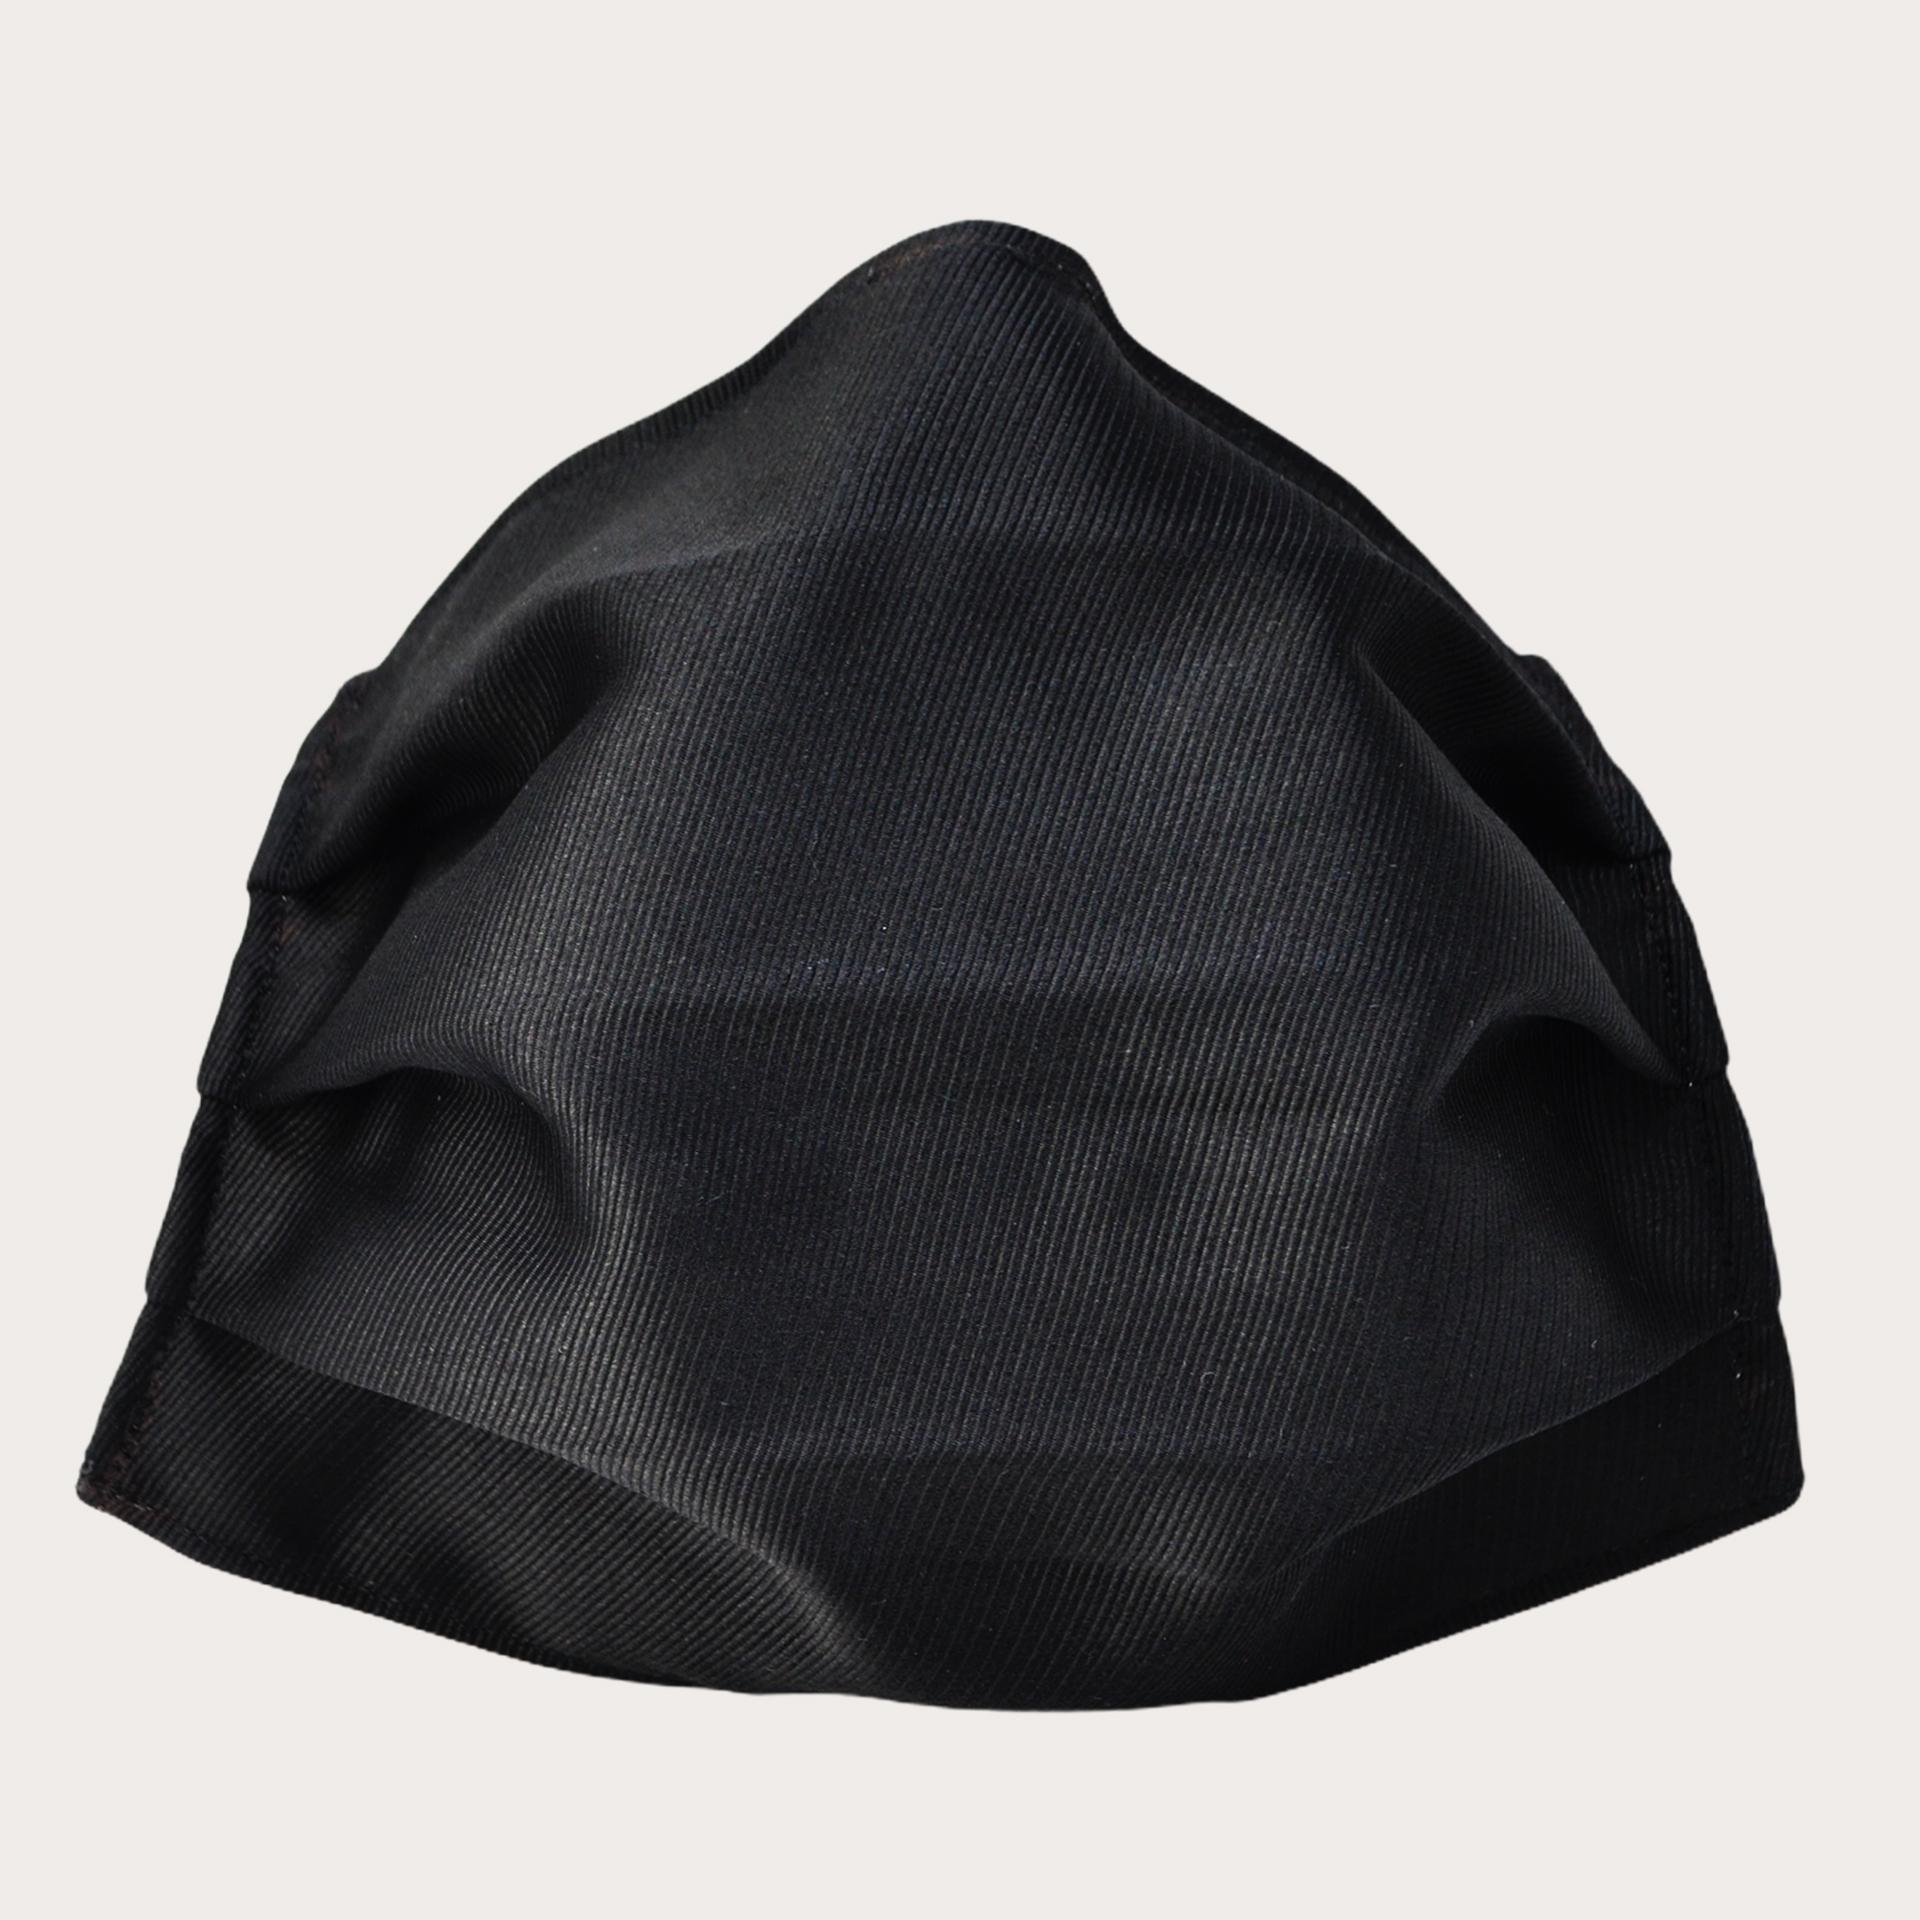 Schutzmaske stoffmaske schwarz